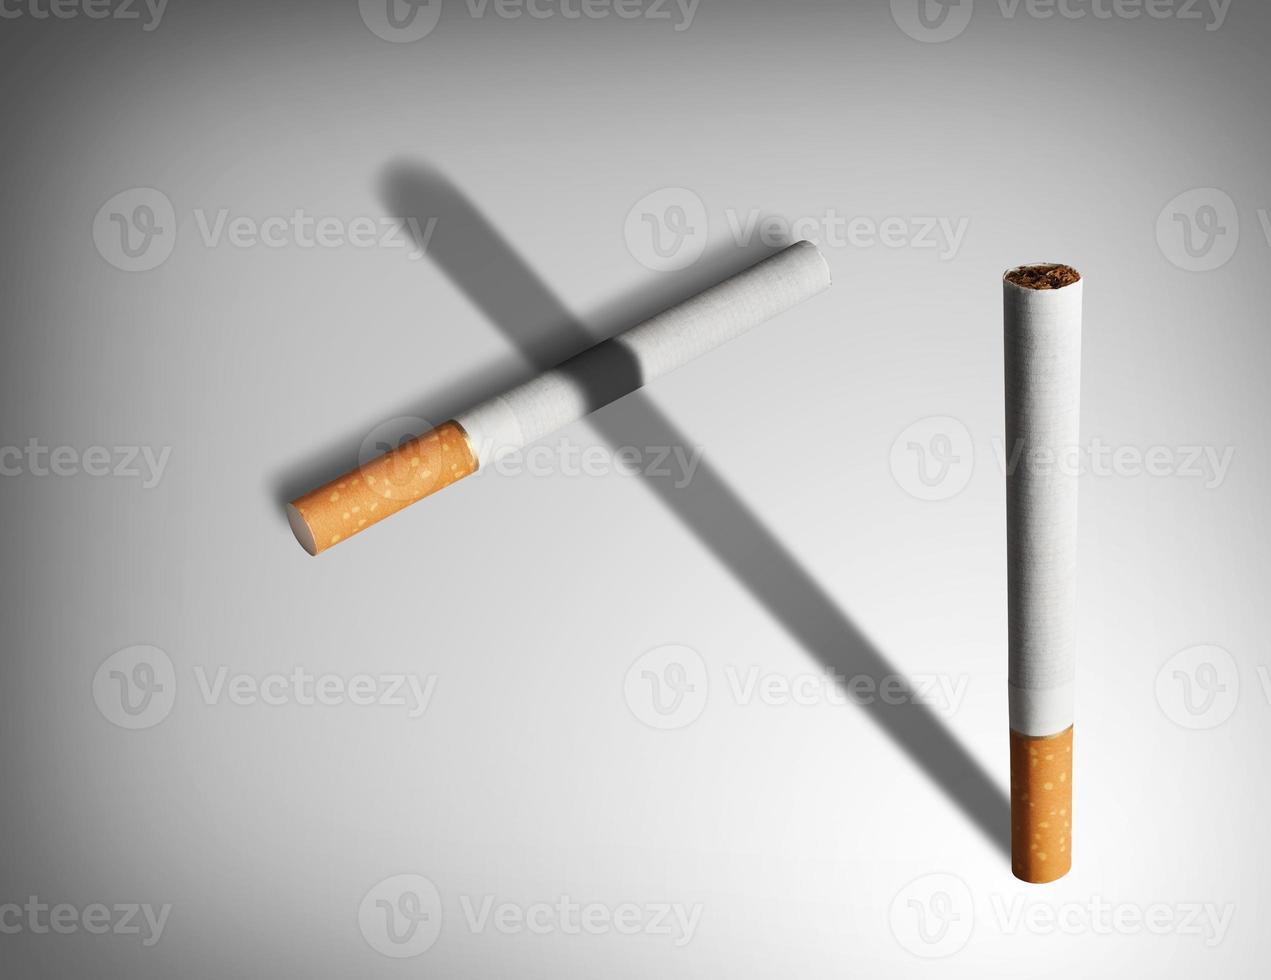 niet roken foto